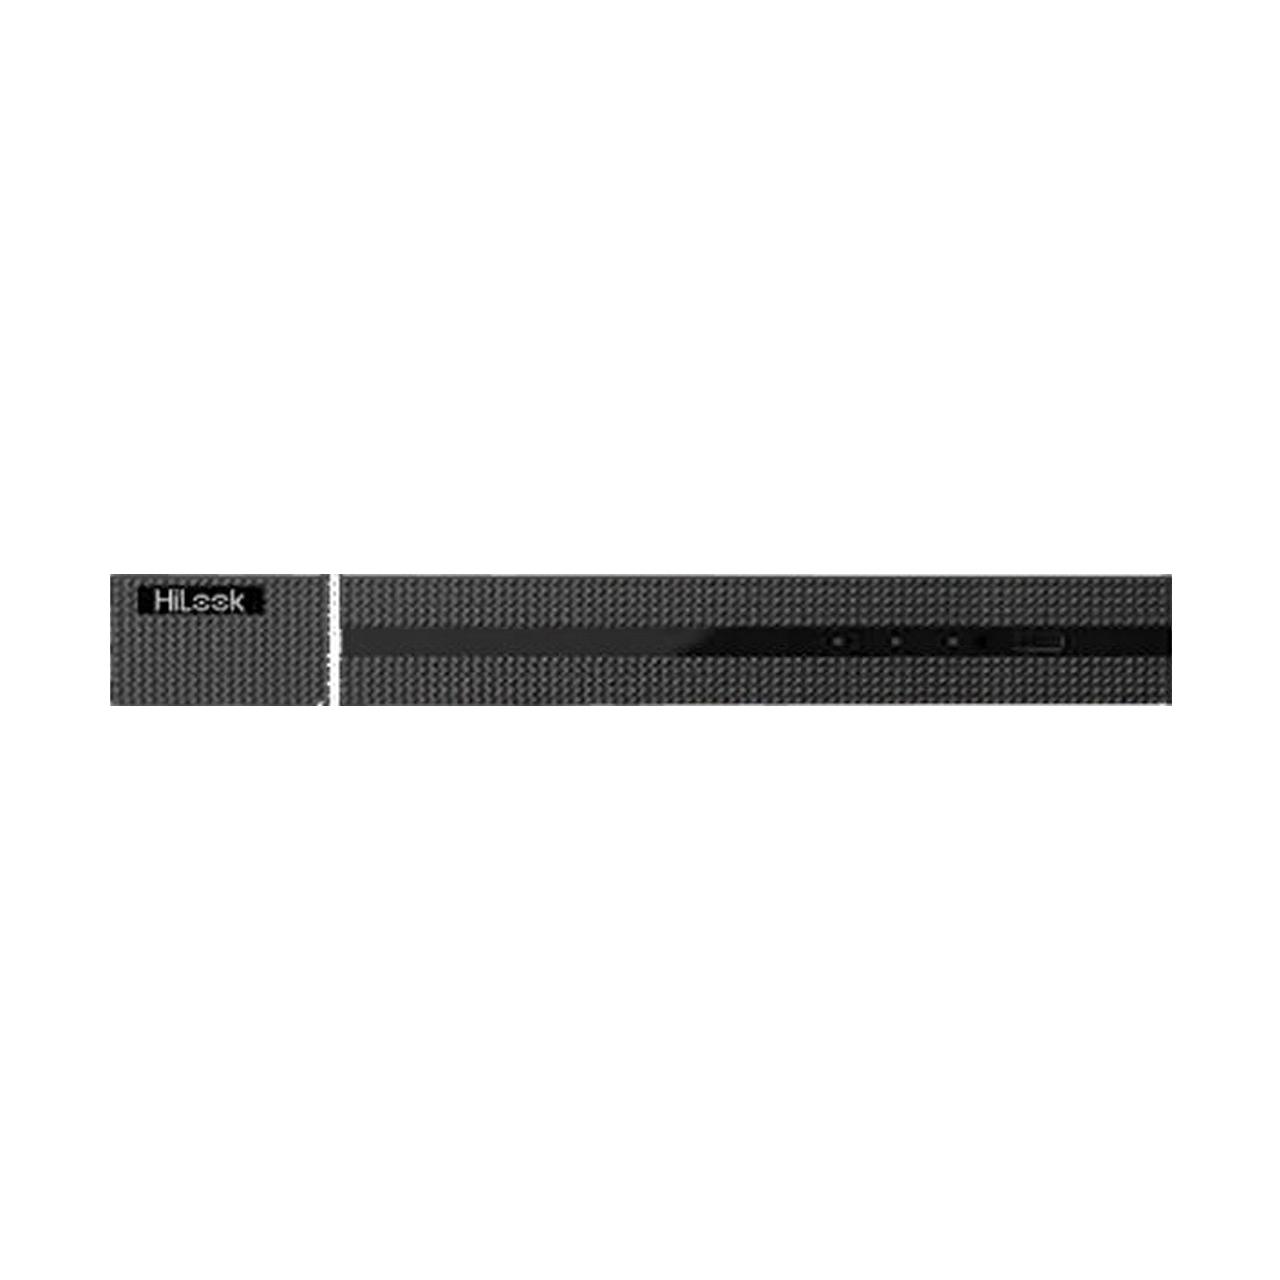 دستگاه DVR هایلوک 4 کانال 8 کانال مدل DVR-208U-F1 DVR-204U-F1